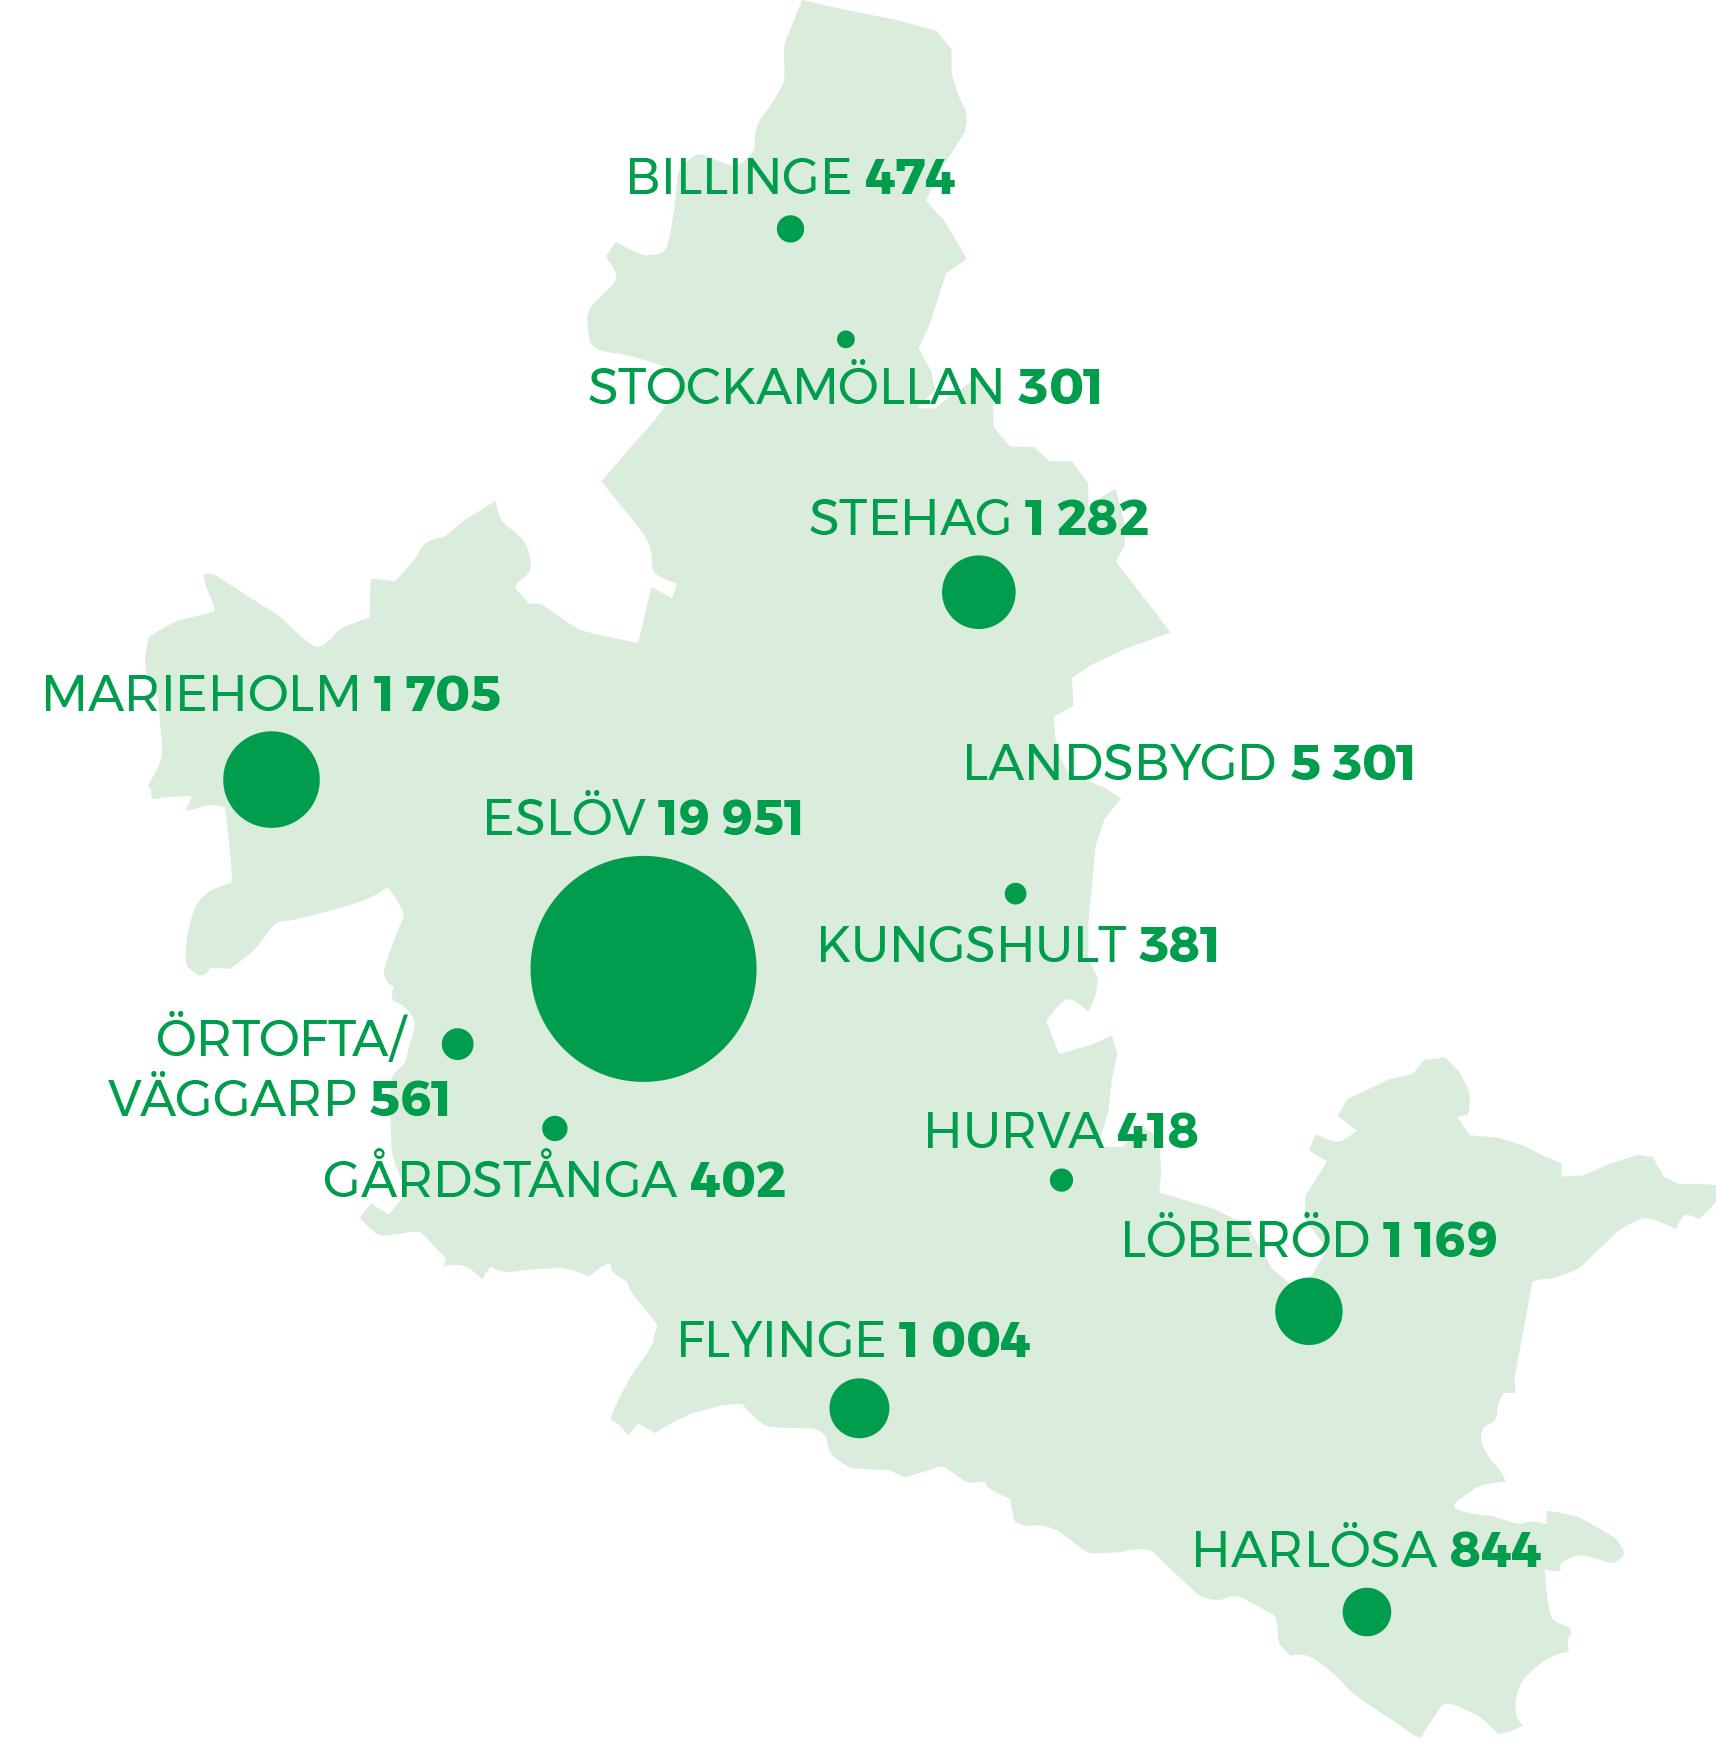 Det totala invånarantalet i Eslövs kommun för 2019 var 33 793.